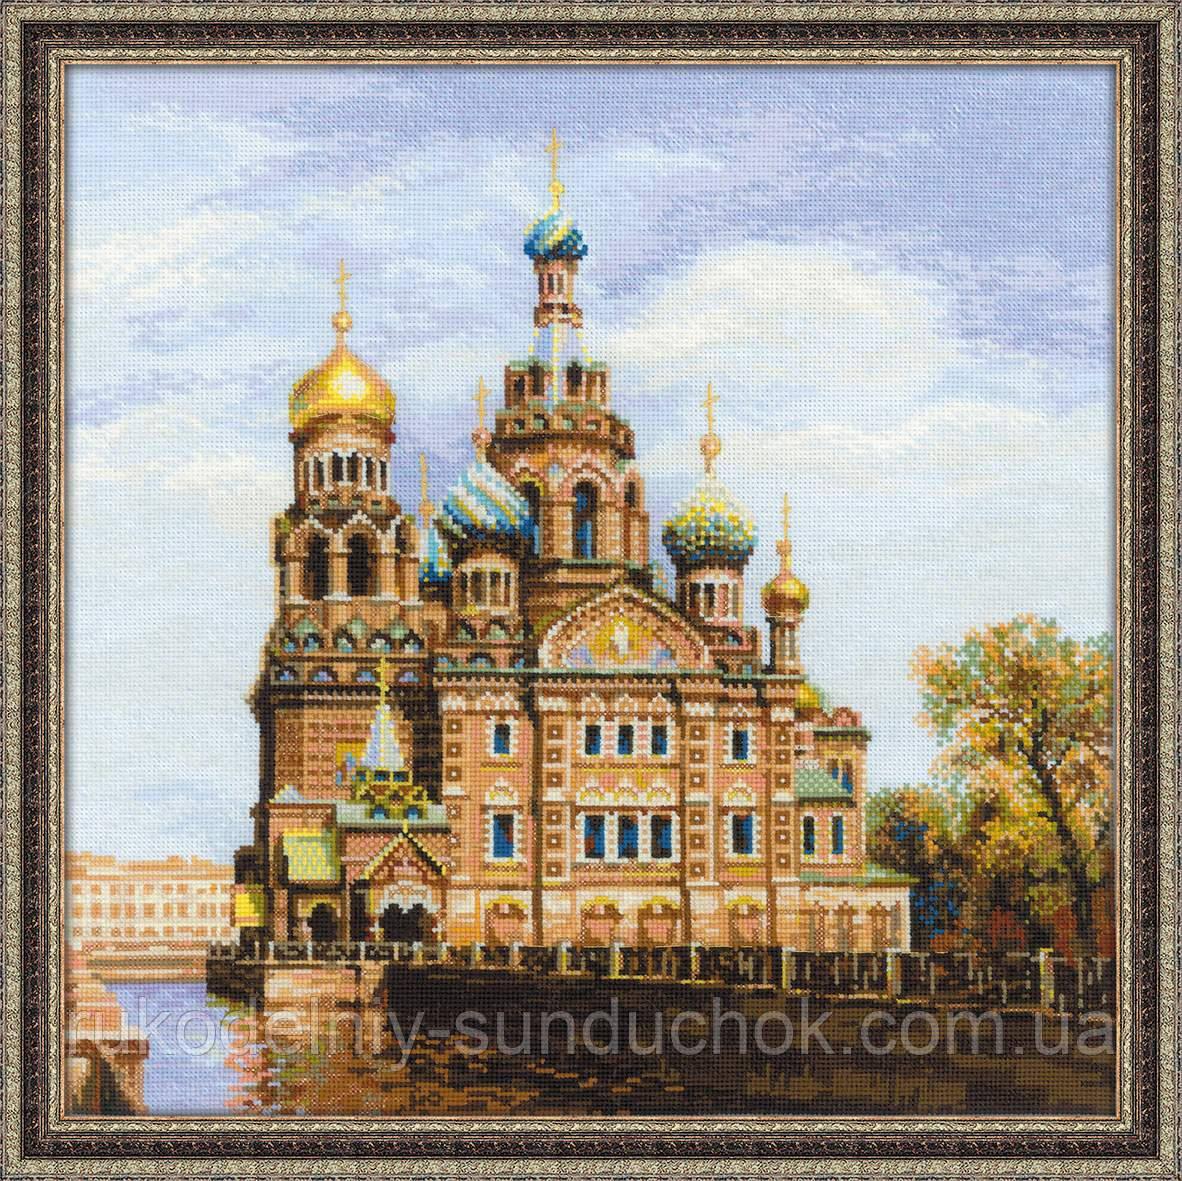 Набор для вышивания крестом «Санкт-Петербург. Храм Спаса-на-крови» (1548)